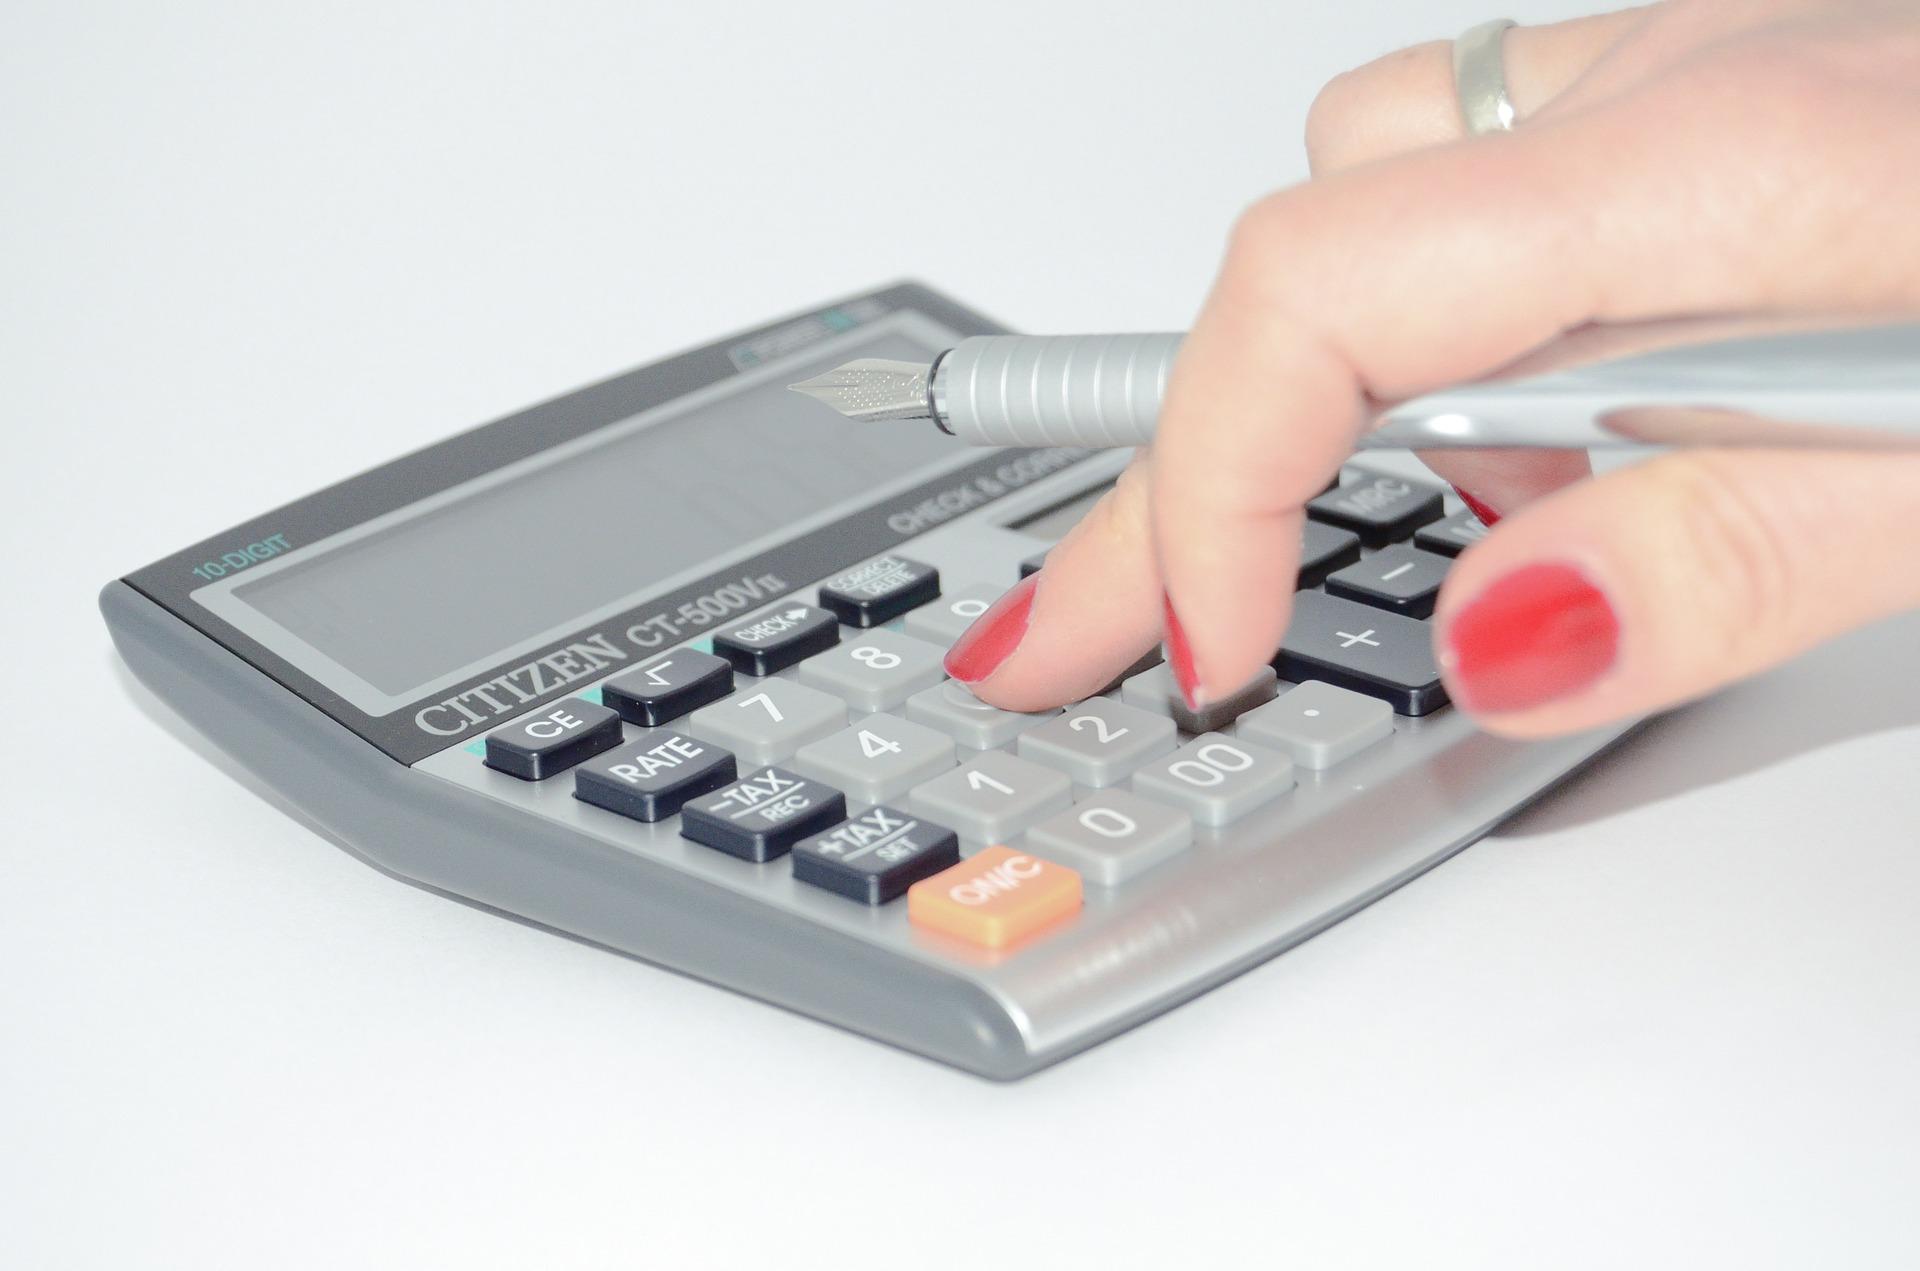 電卓で計算する手